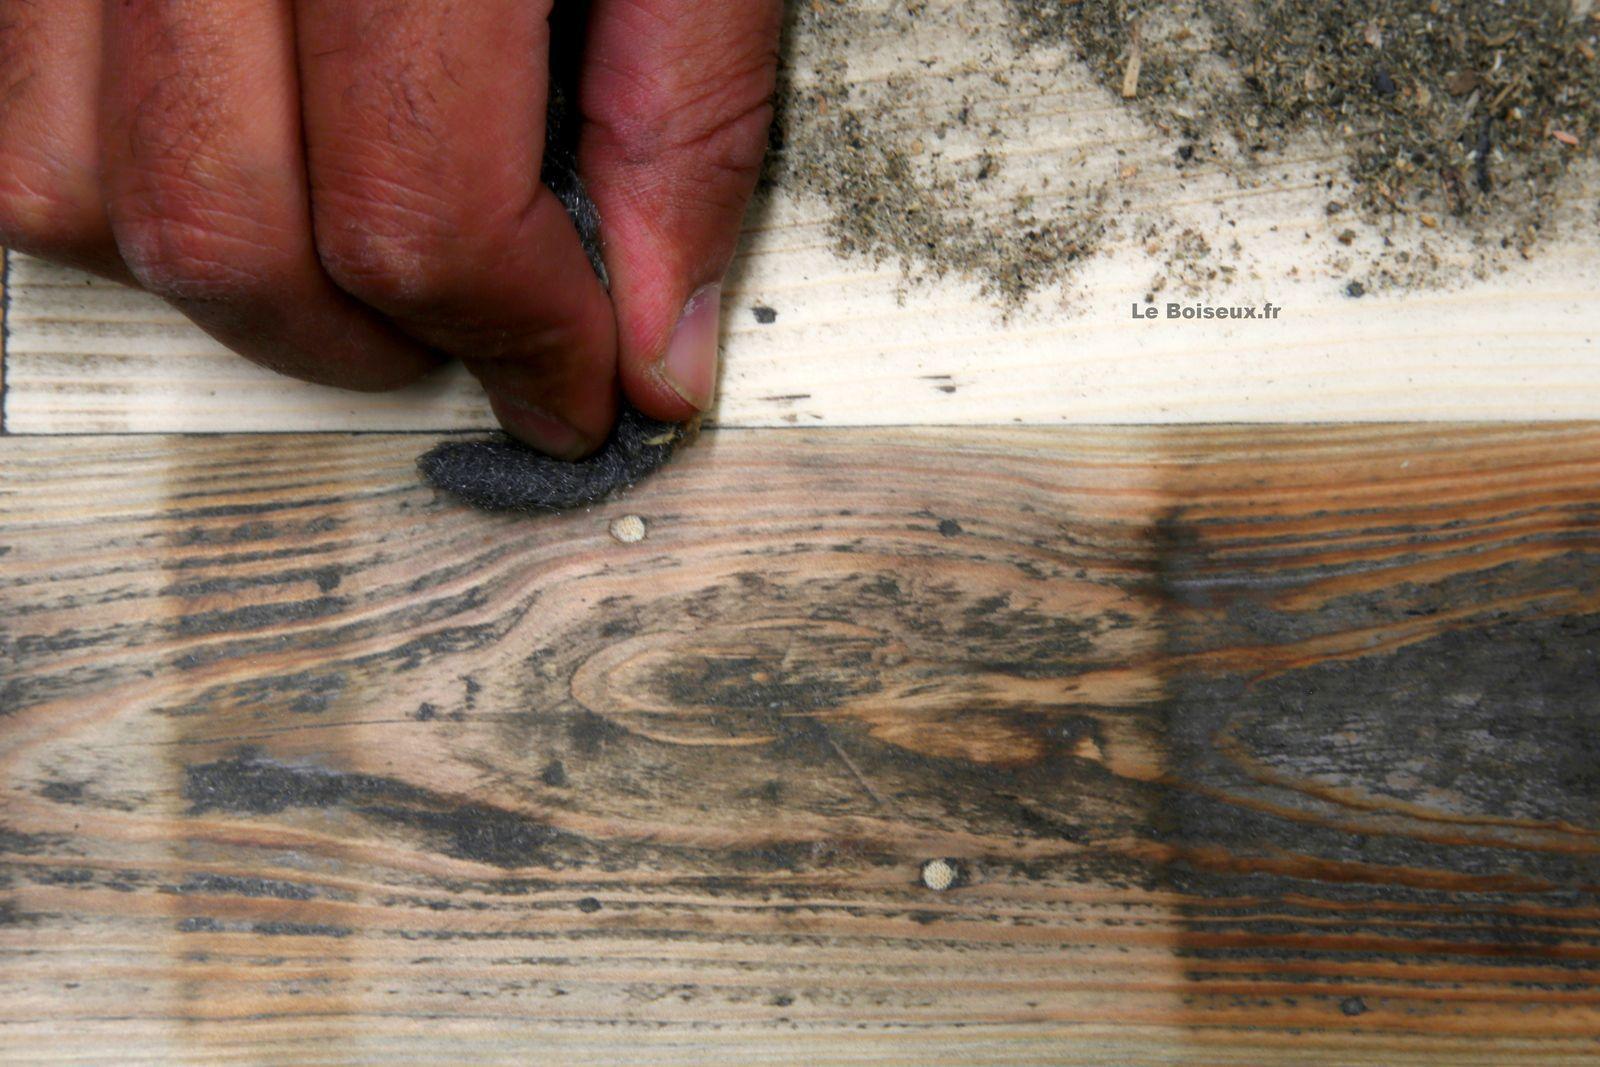 Dorénavant, dans une salle à manger, les plateaux de tables en bois recyclé griffés 'Le Boiseux' se feraient l'écho prolongé des plus belles planches perforées du monde…